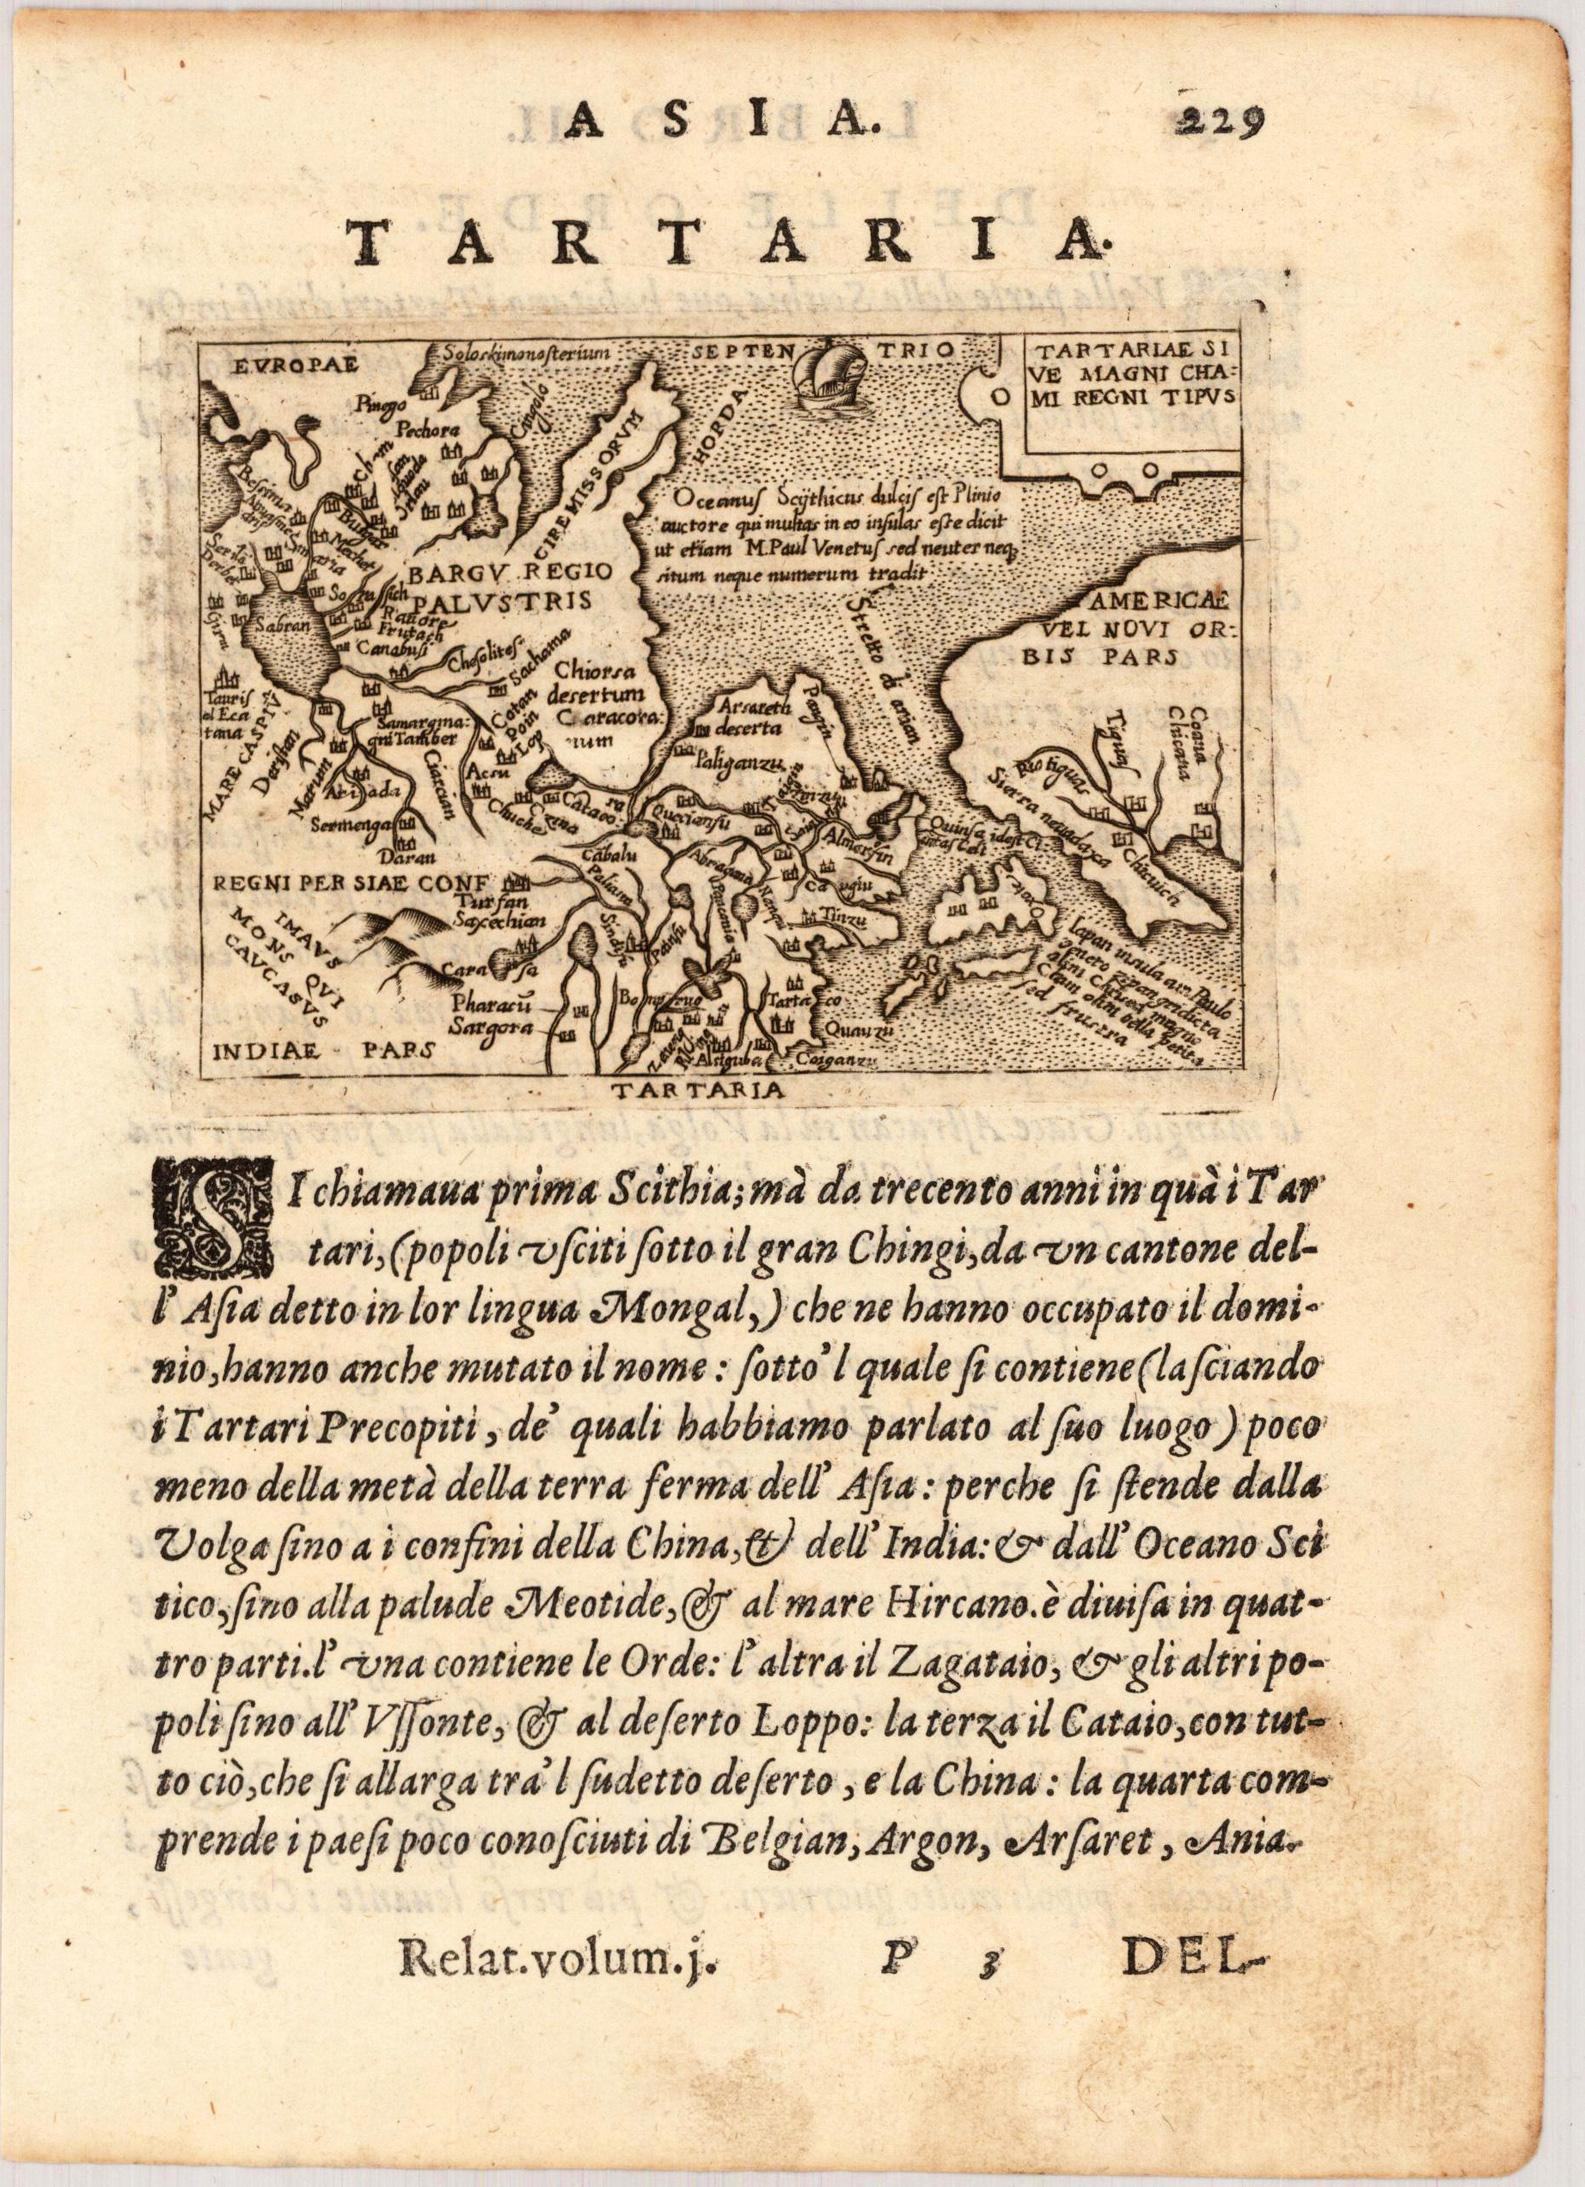 Giovanni_Botero_-_Tartaria_map_and_description